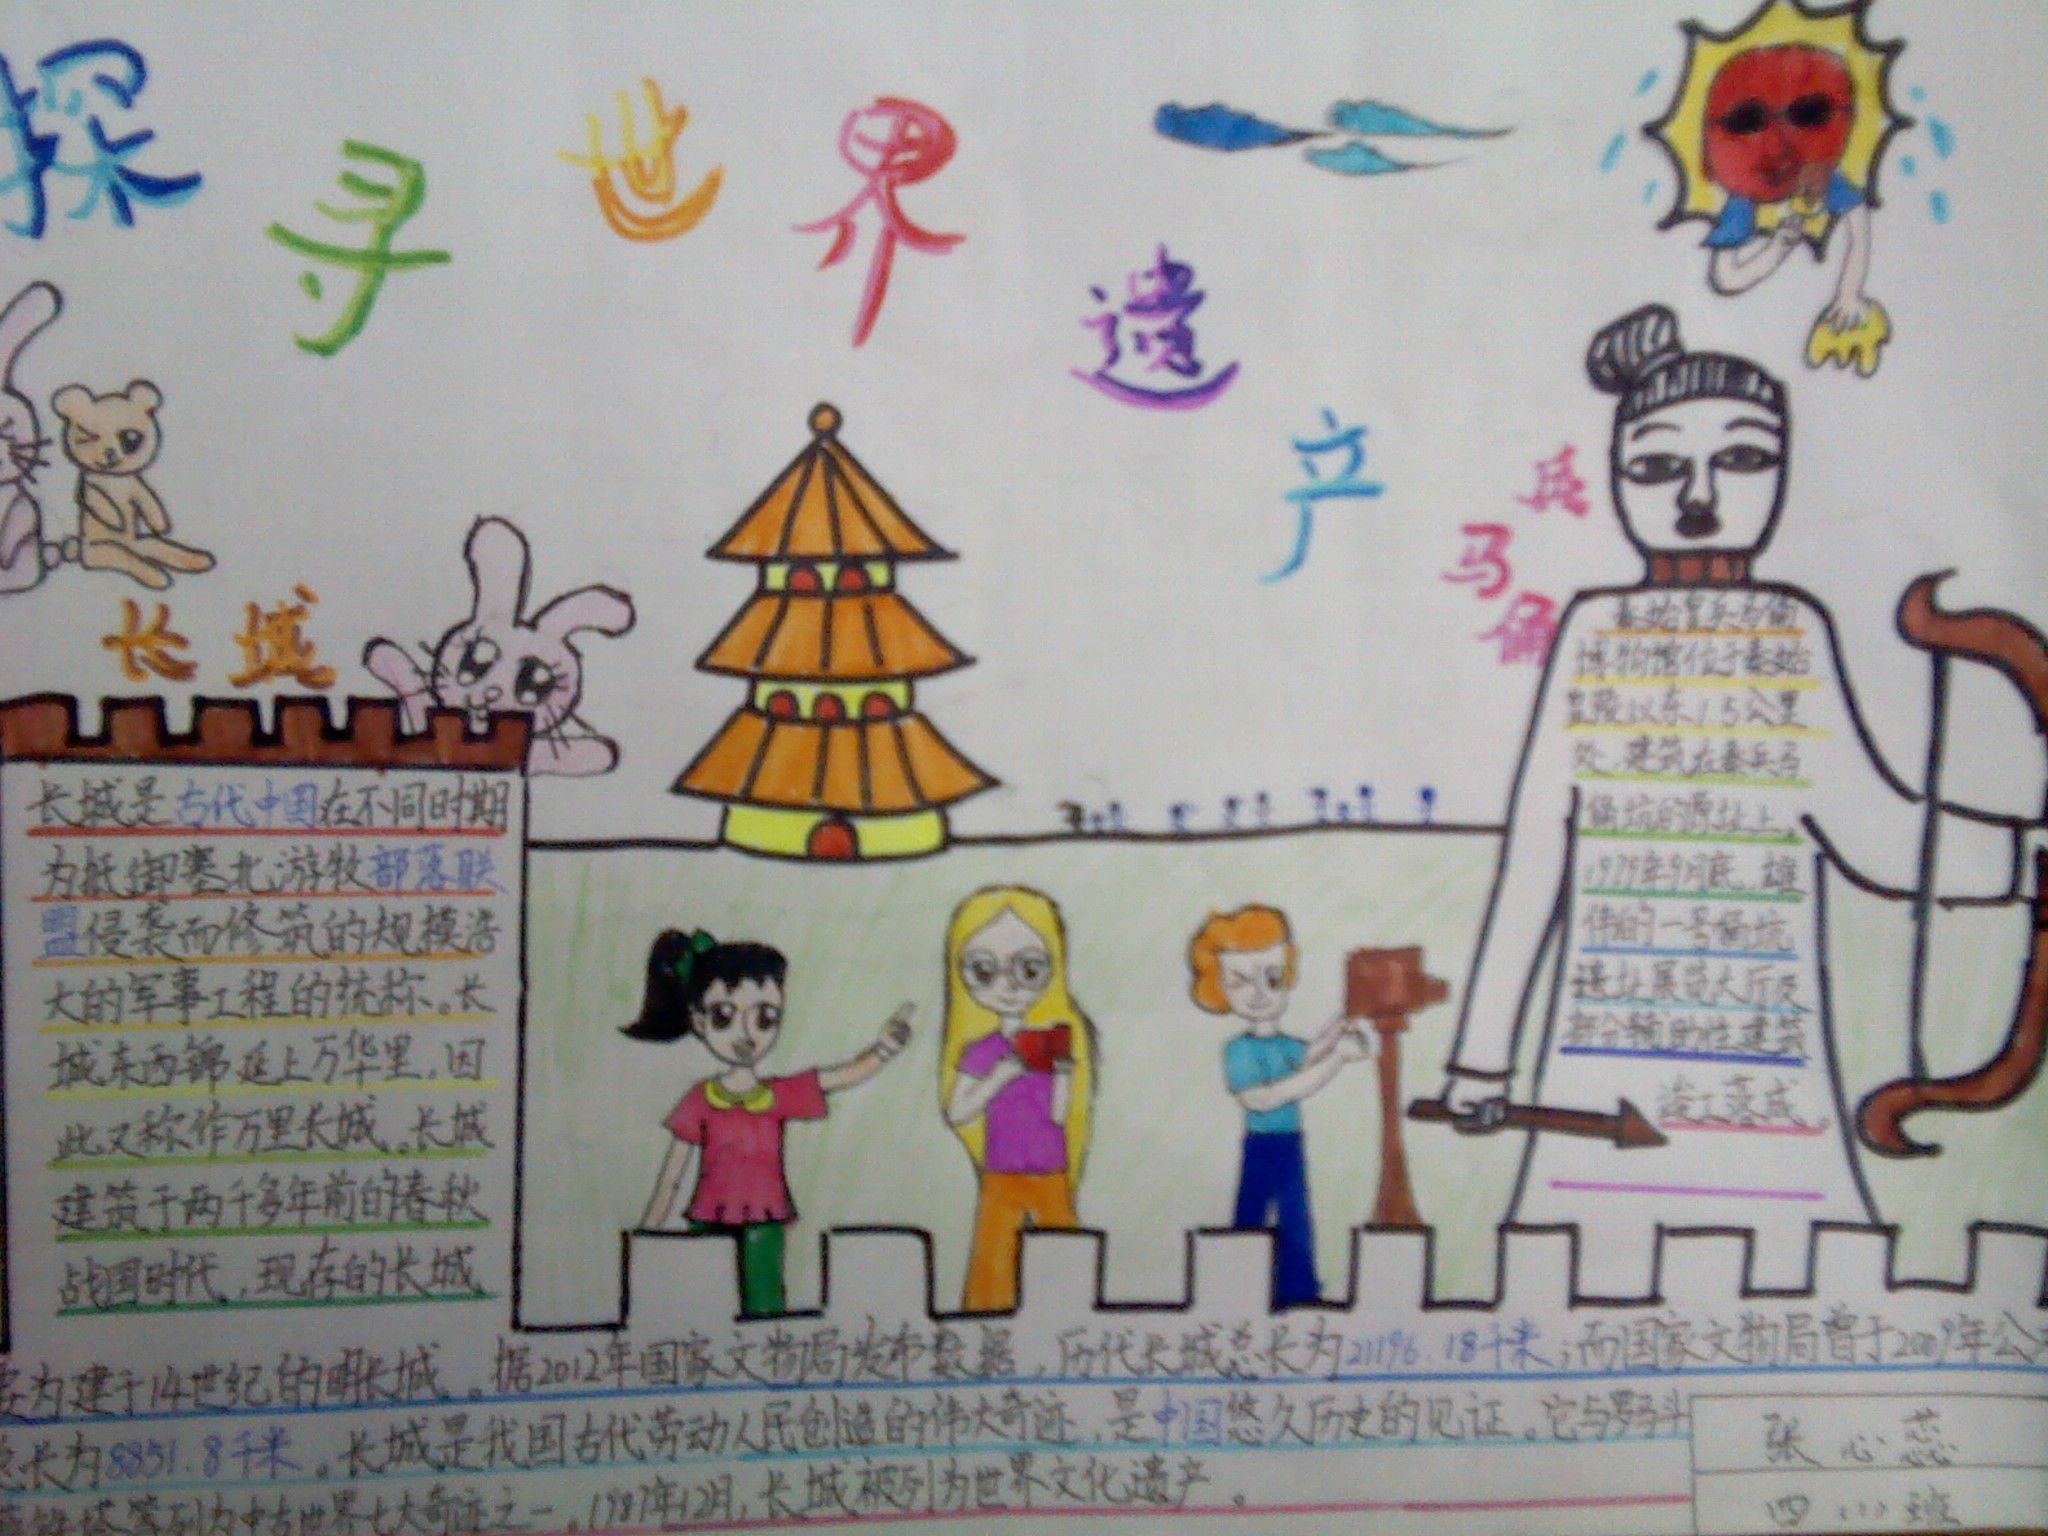 幼儿园保护遗产手抄报图片大全集